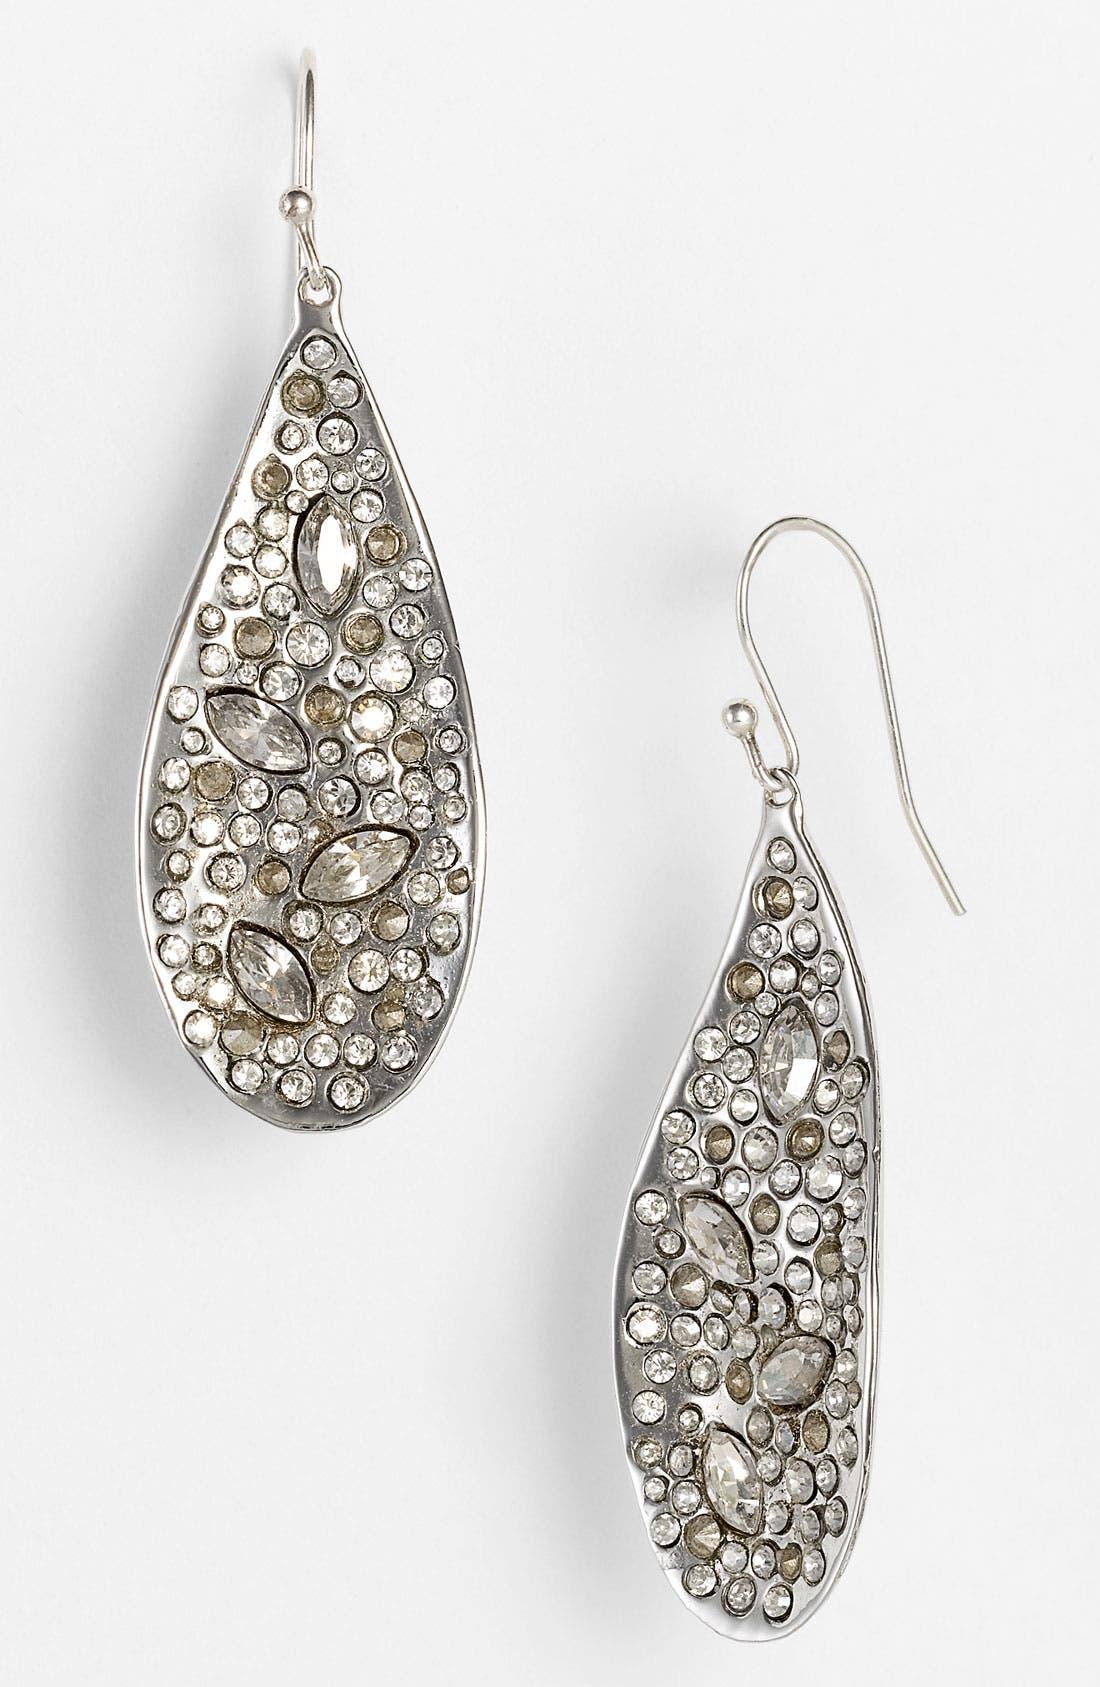 Main Image - Alexis Bittar 'Miss Havisham' Large Teardrop Earrings